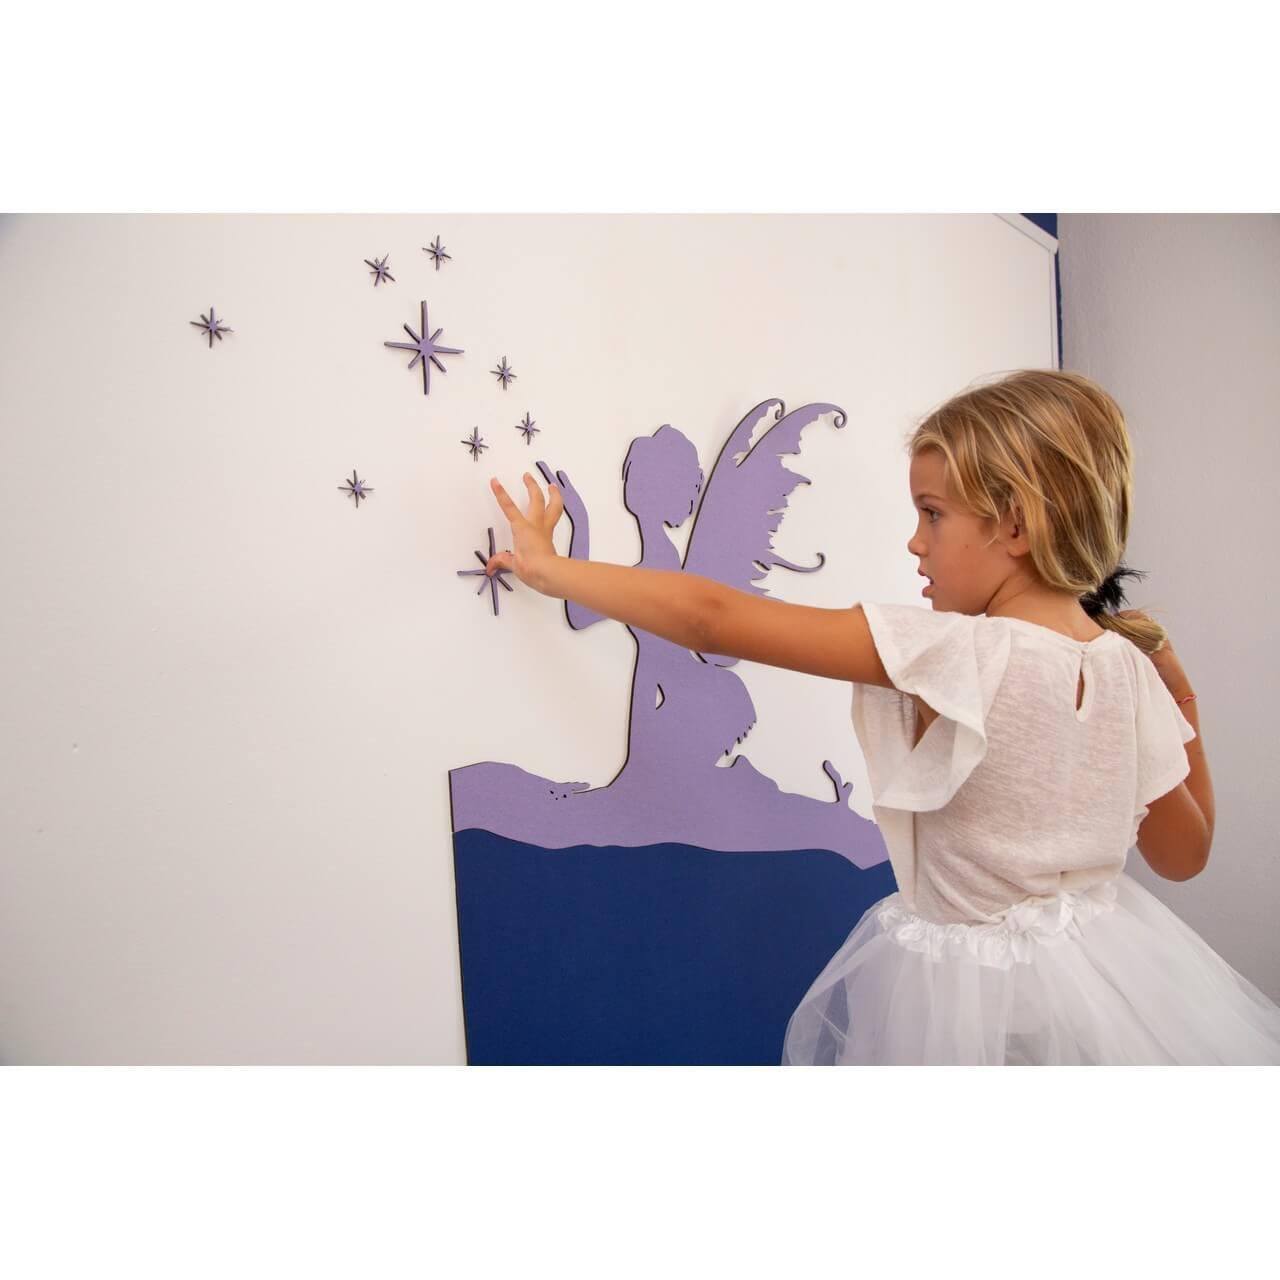 Proyecto de decoración infantil para las paredes de la habitación del bebé